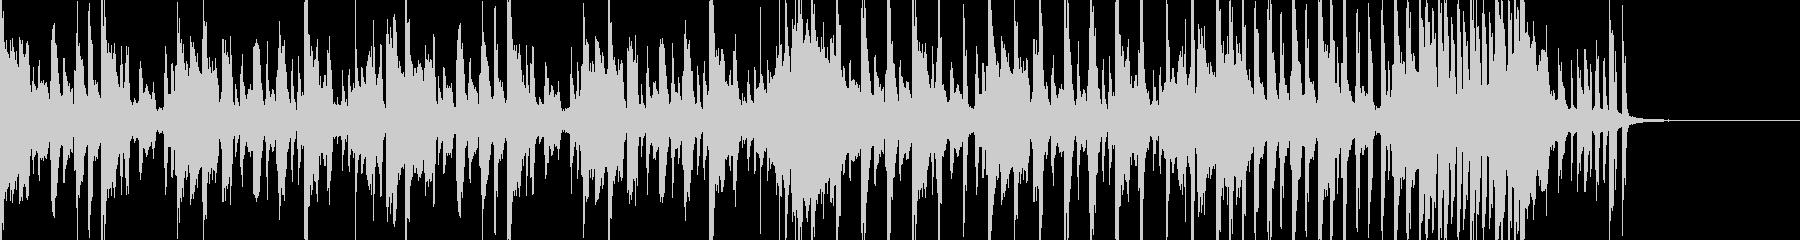 明るくオシャレなディスコのジングルの未再生の波形